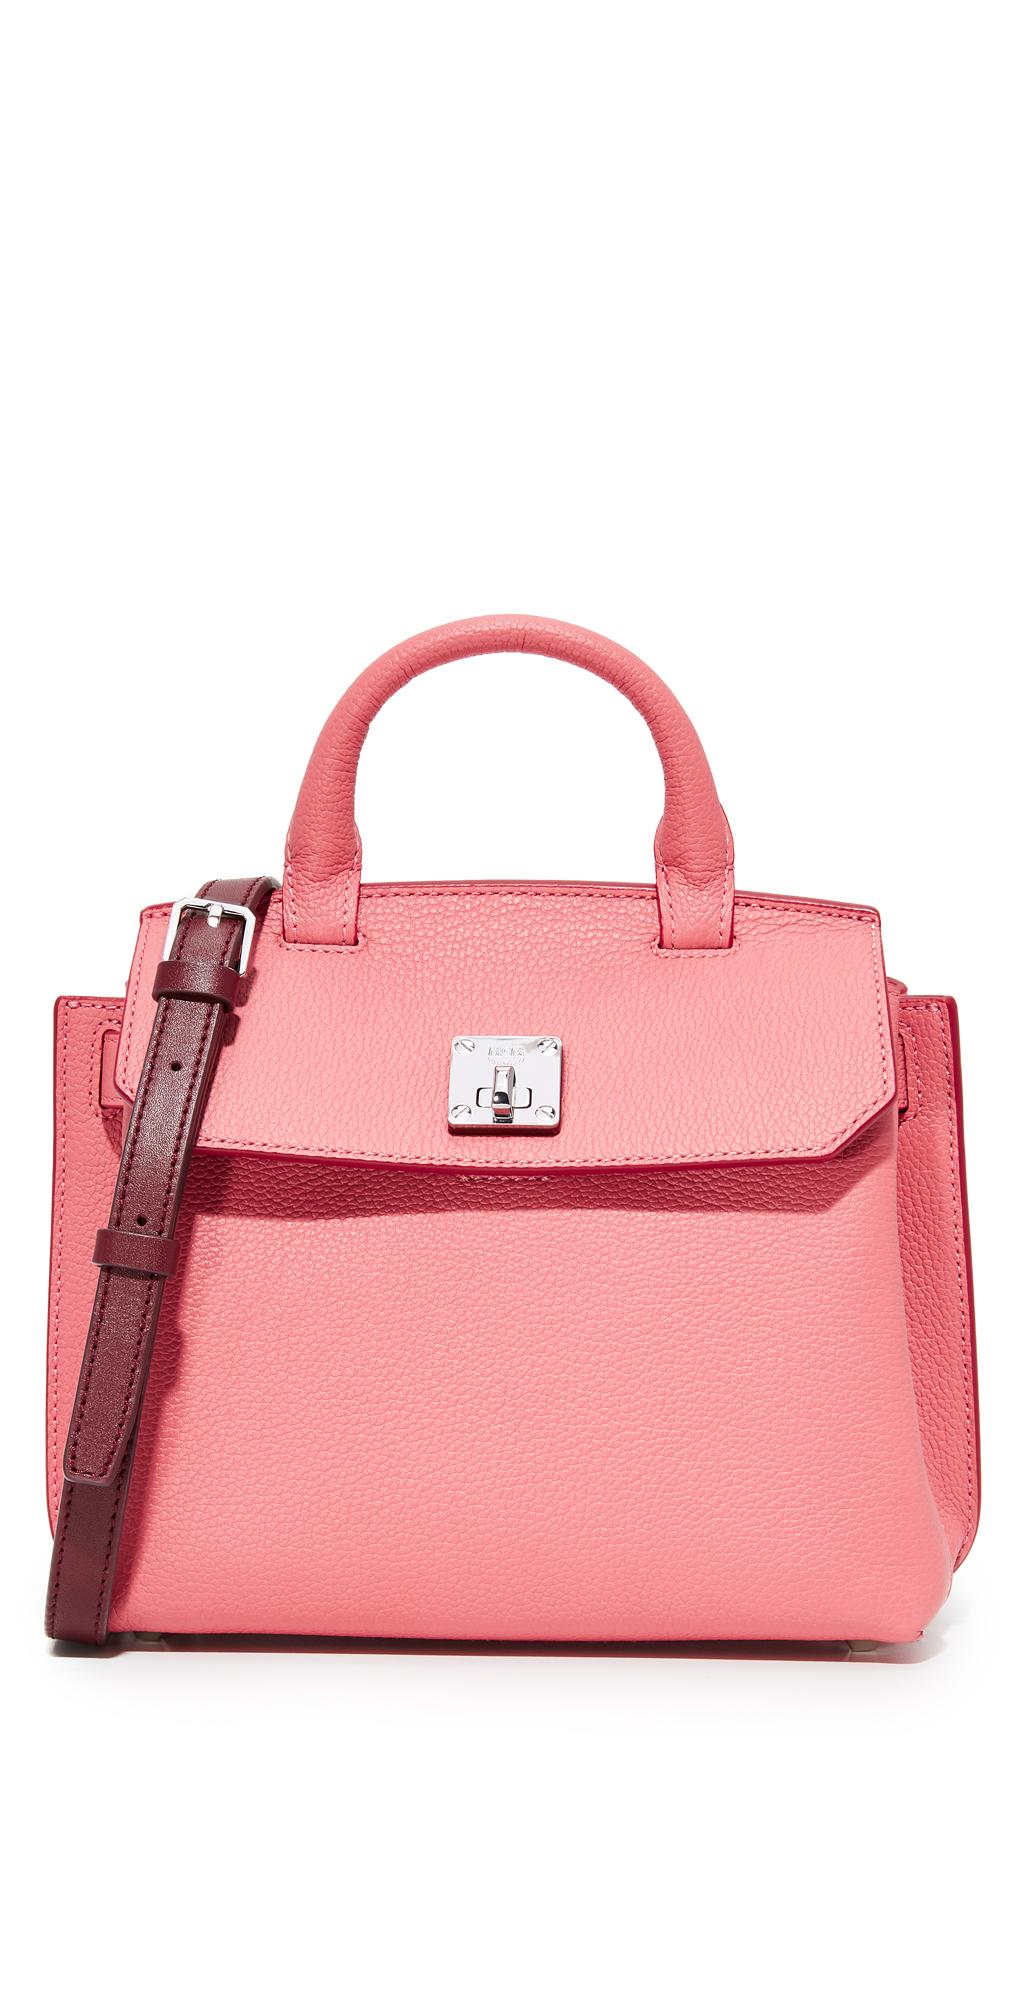 Milla Cross Body Bag MCM